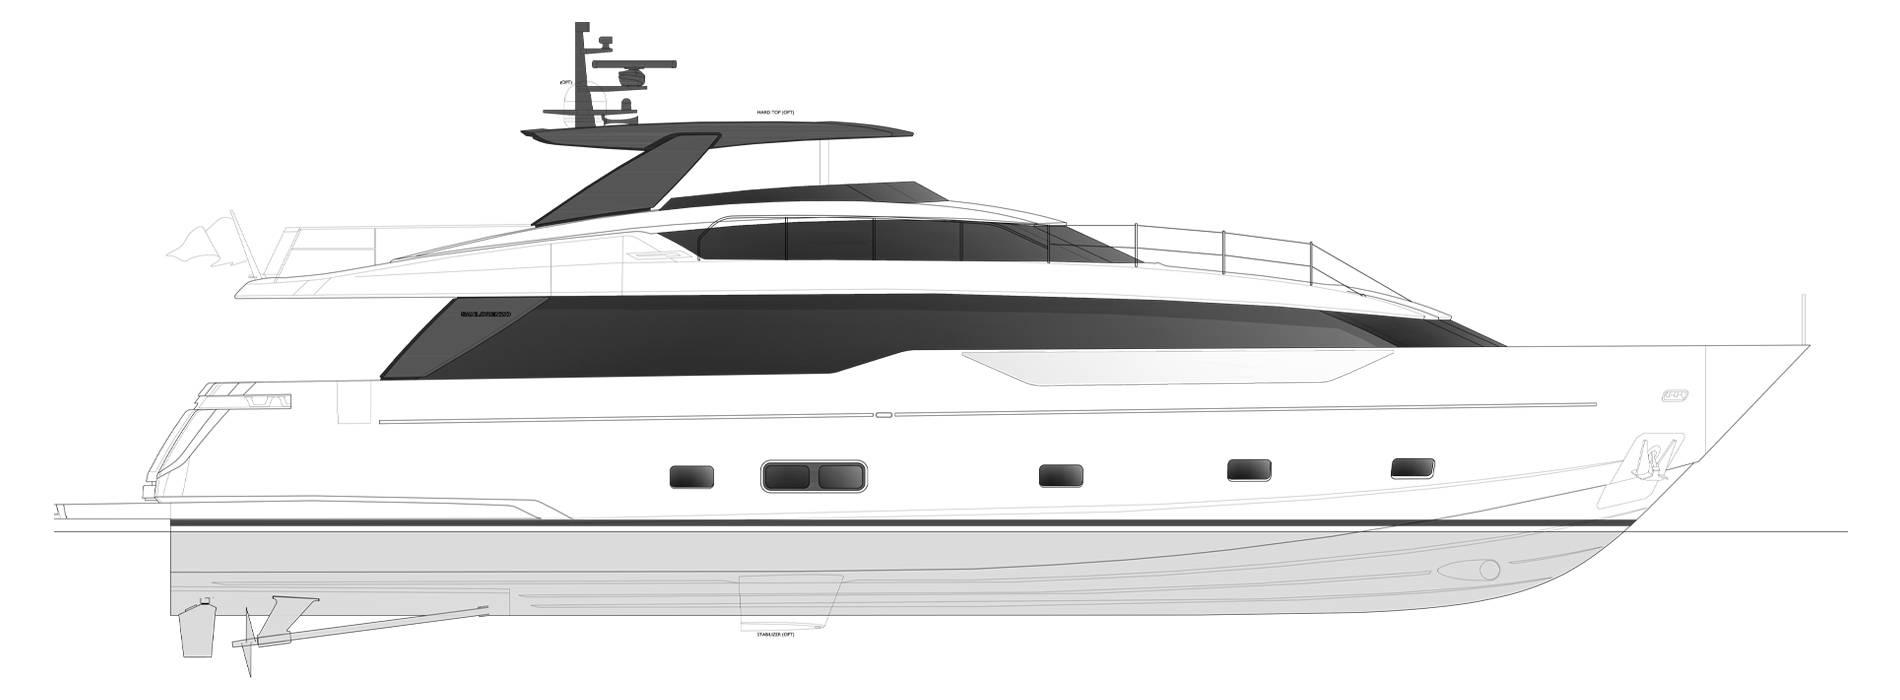 Sanlorenzo Yachts SL90 Asymmetric Perfil